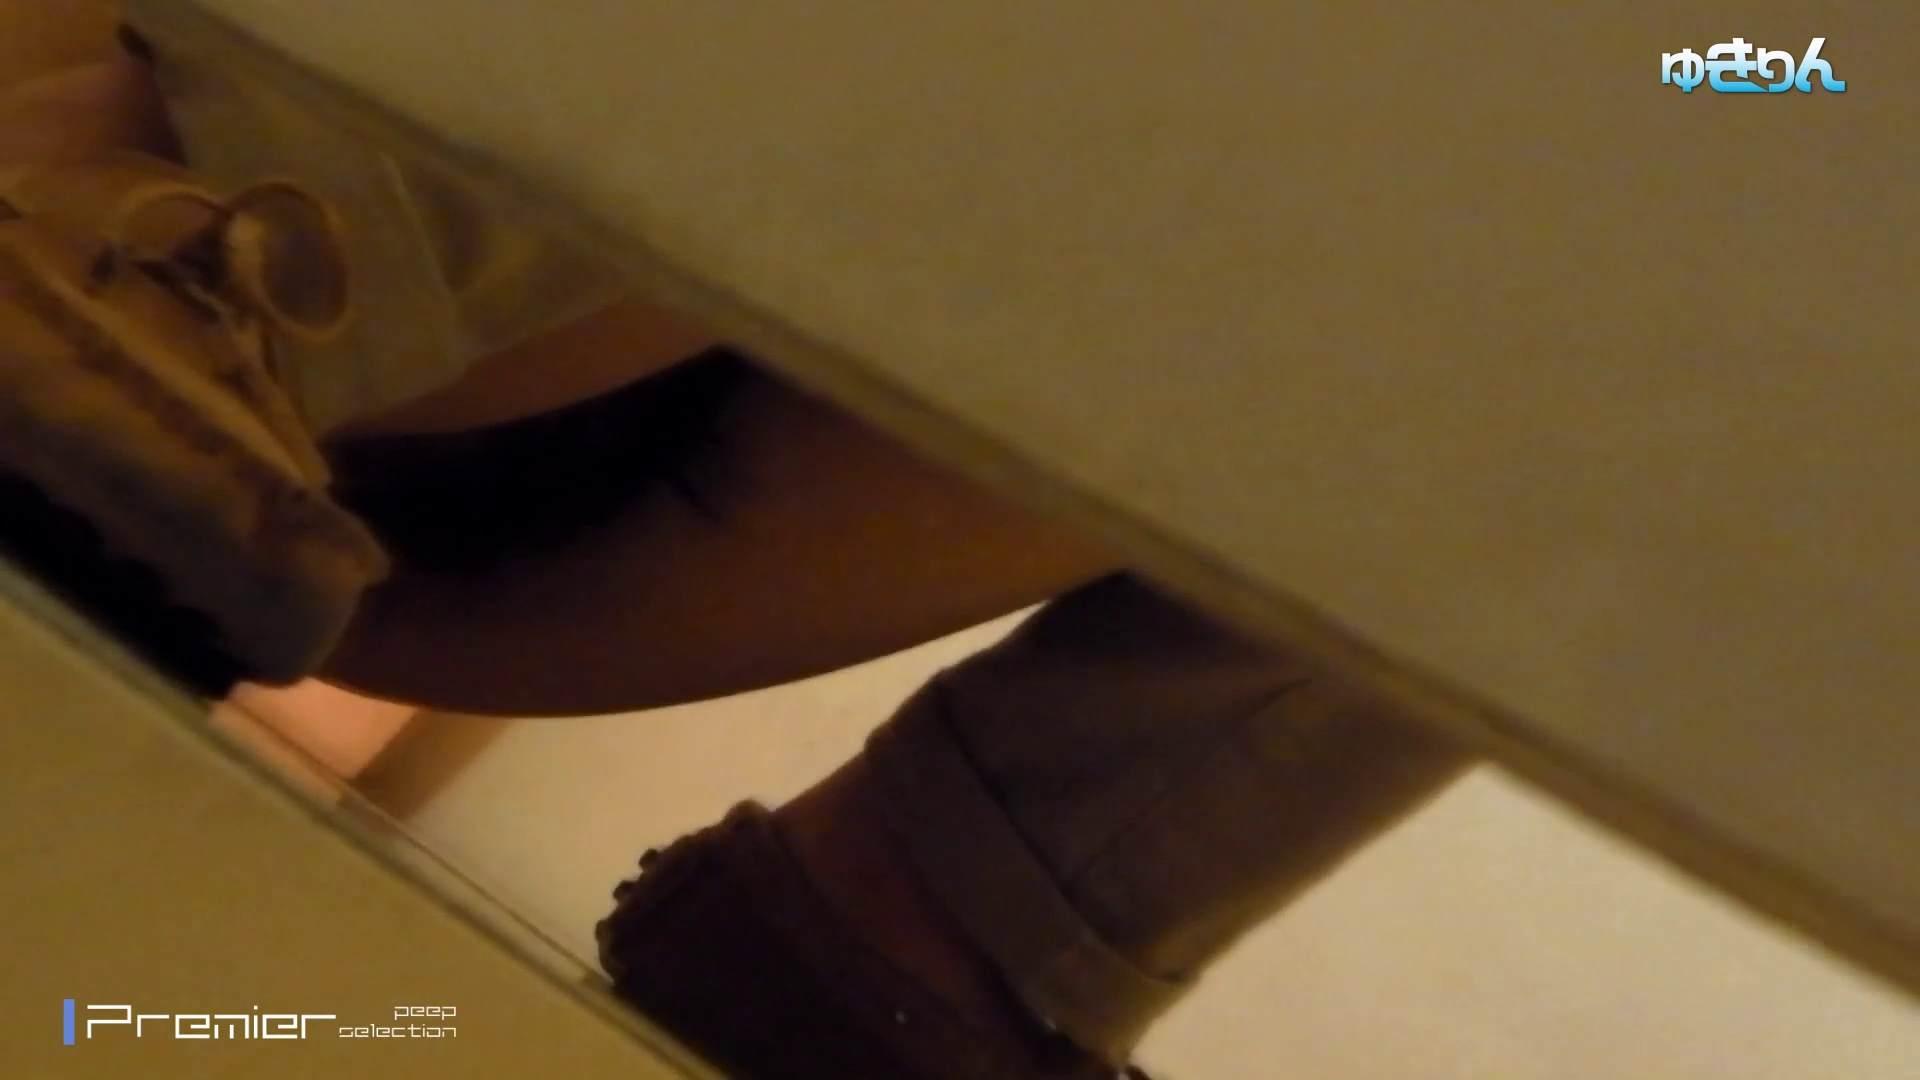 新世界の射窓 No89 あの有名のショーに出ているモデルが偶然に利用するという 洗面所   0  58pic 35